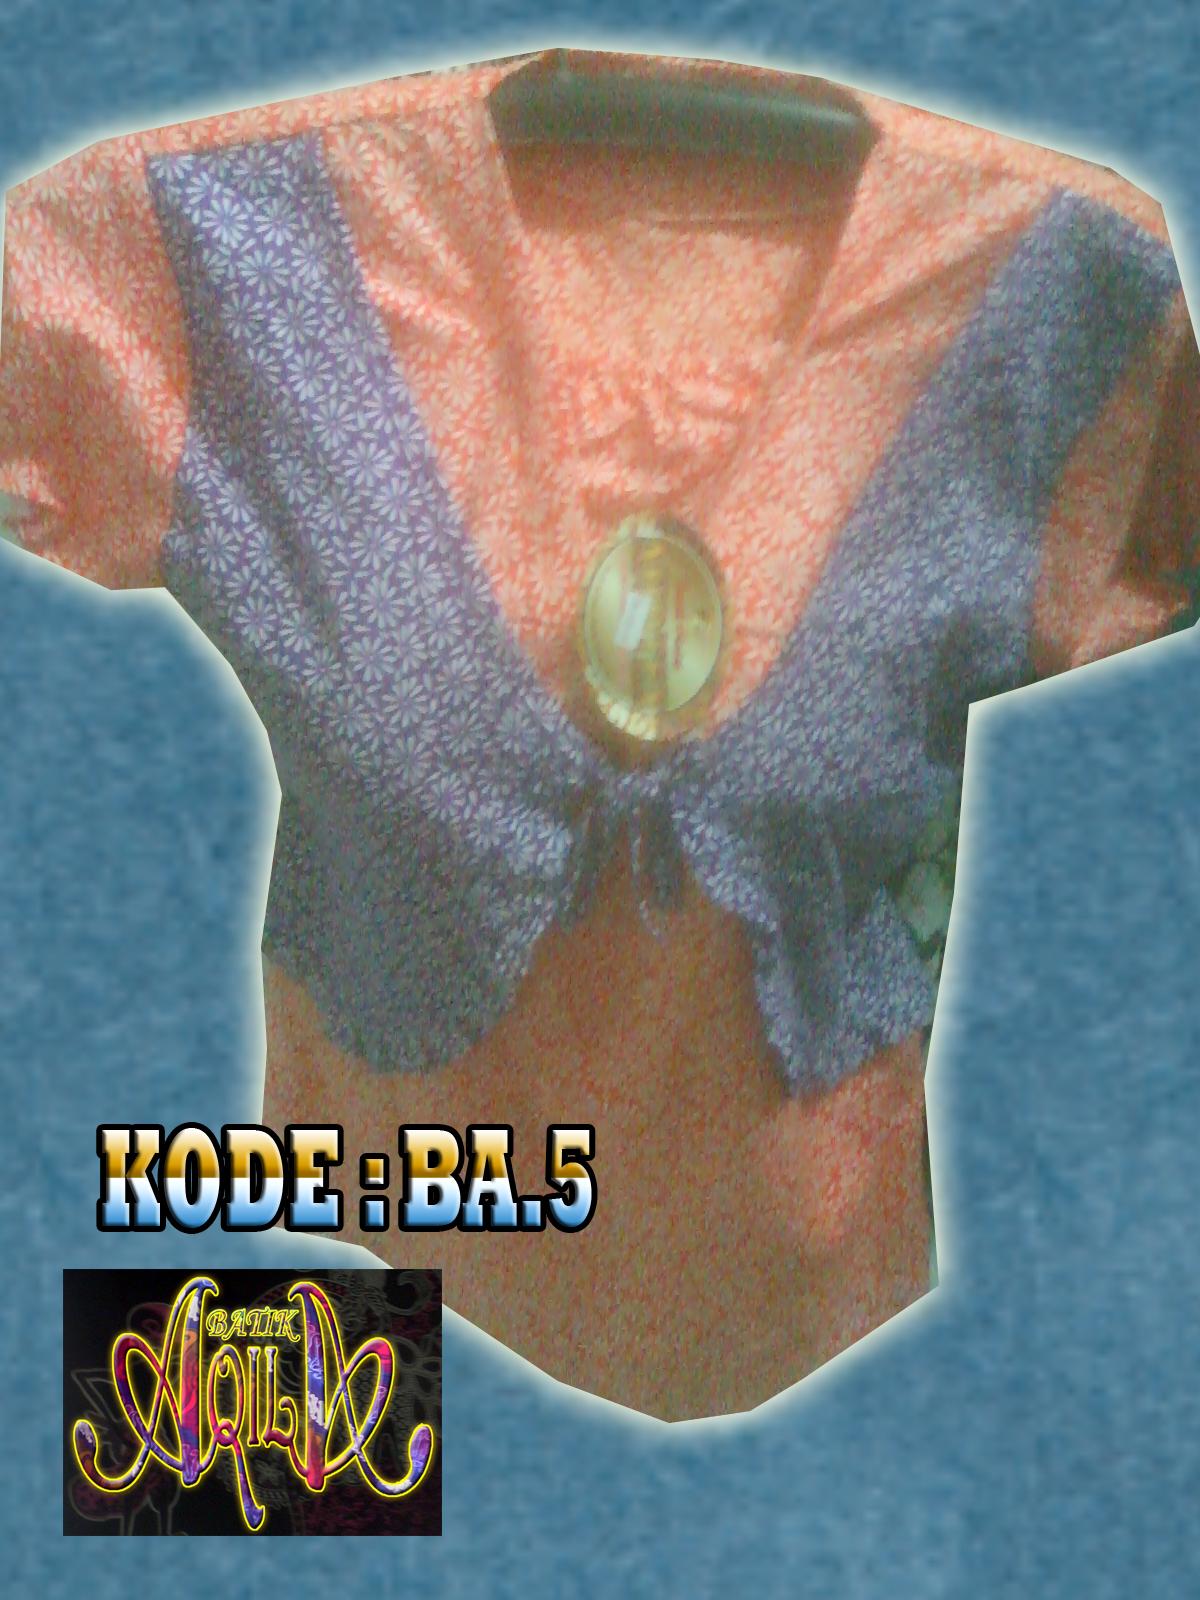 BAJU ATASAN BATIK WANITA KODE BA5, Batik Halus, tidak Panas dipakai, cocok untuk digunakan sebagai baju harian anda untuk waktu bersantai anda. SPECIAL PRICE Rp. 45.000/potong, informasi hubungi : 085742125550 (Indosat) / 082329133113 (Telkomsel) , http://batikaqila.blogspot.com